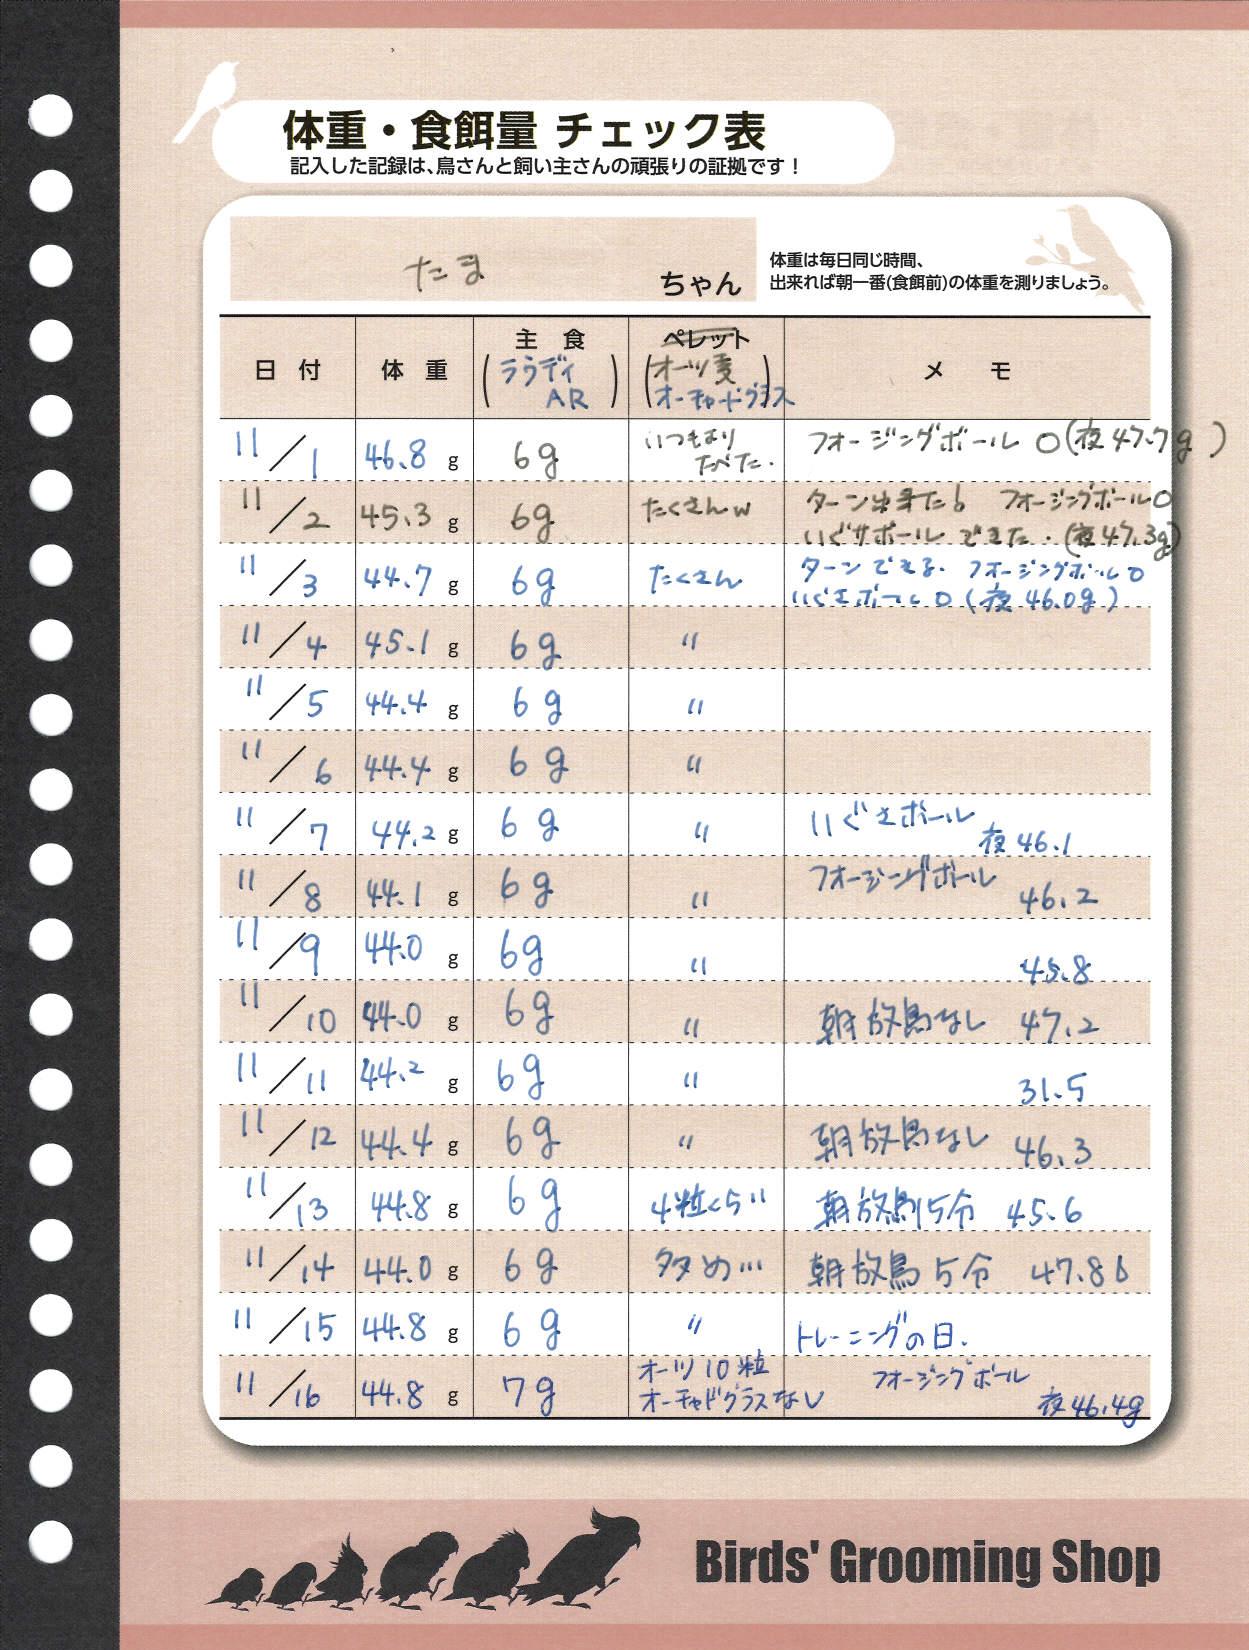 たまちゃんダイエット記録用紙20141129-2